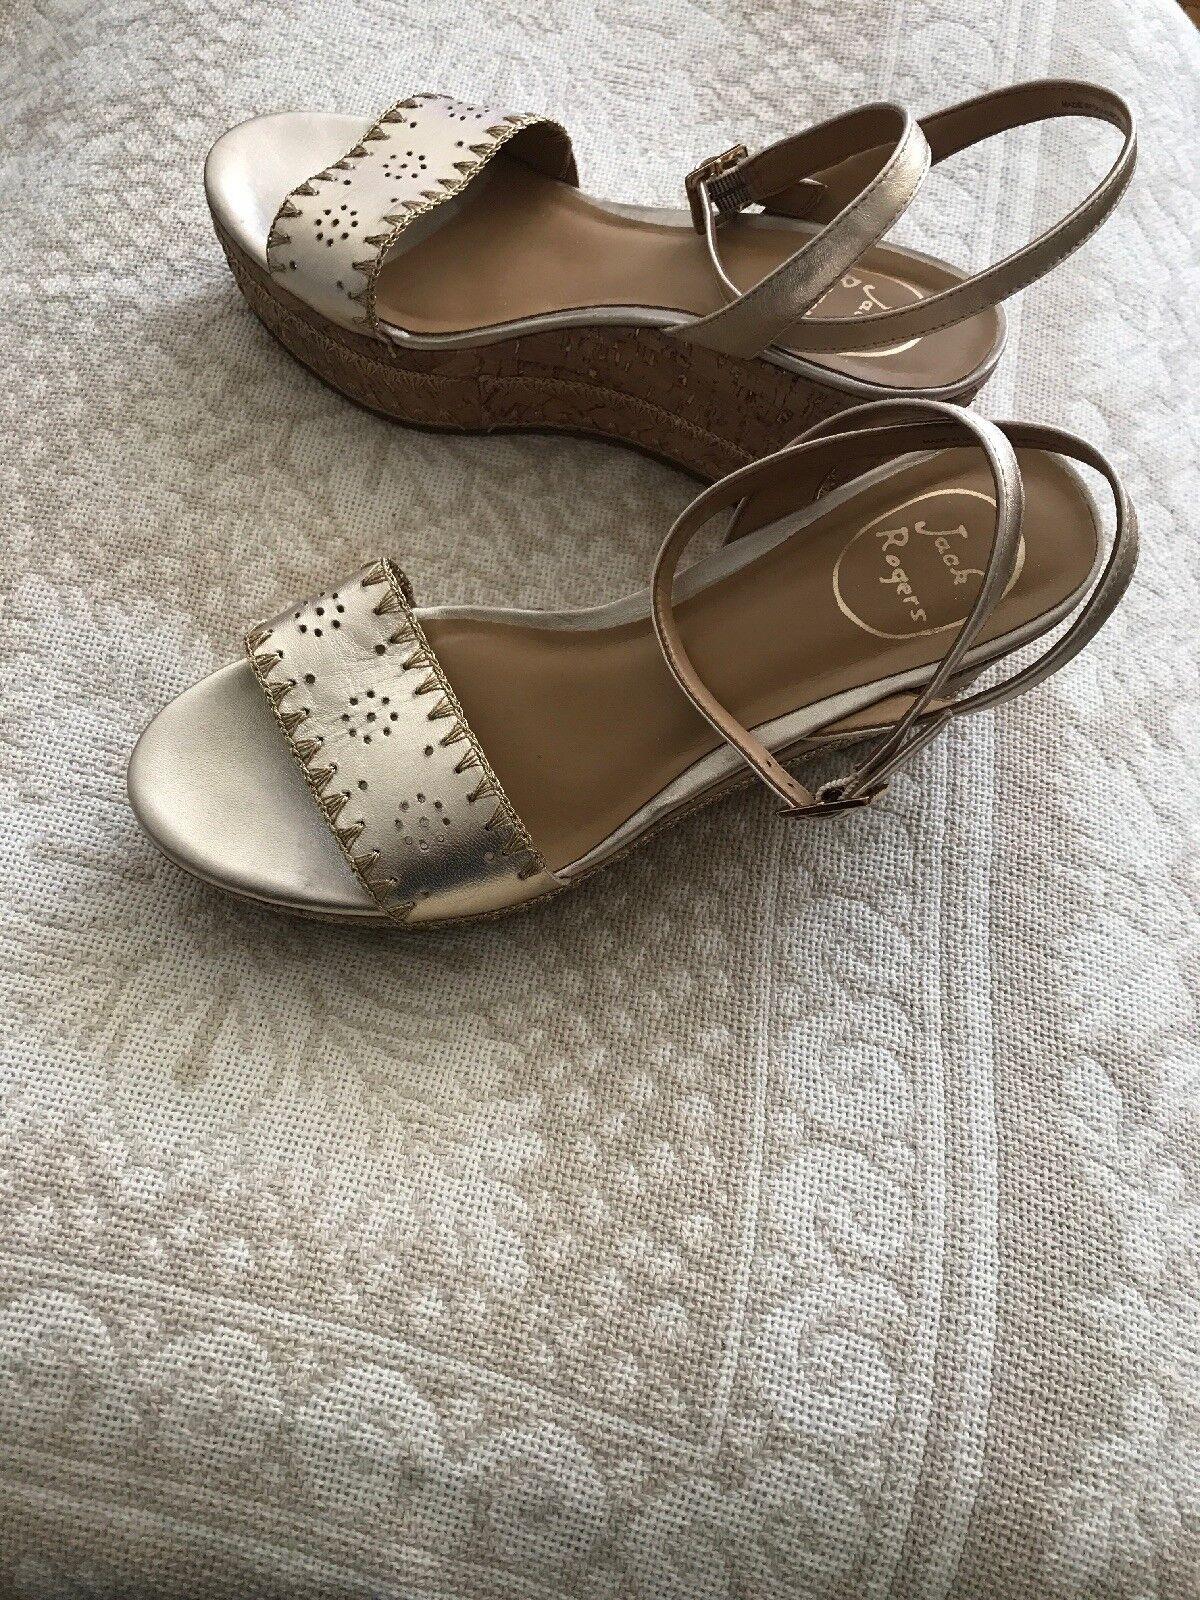 Jack Jack Jack Rogers donna Lennon Leather & Cork Wedge Platform Sandals oro Sz 8.5 NWOB 4ff643